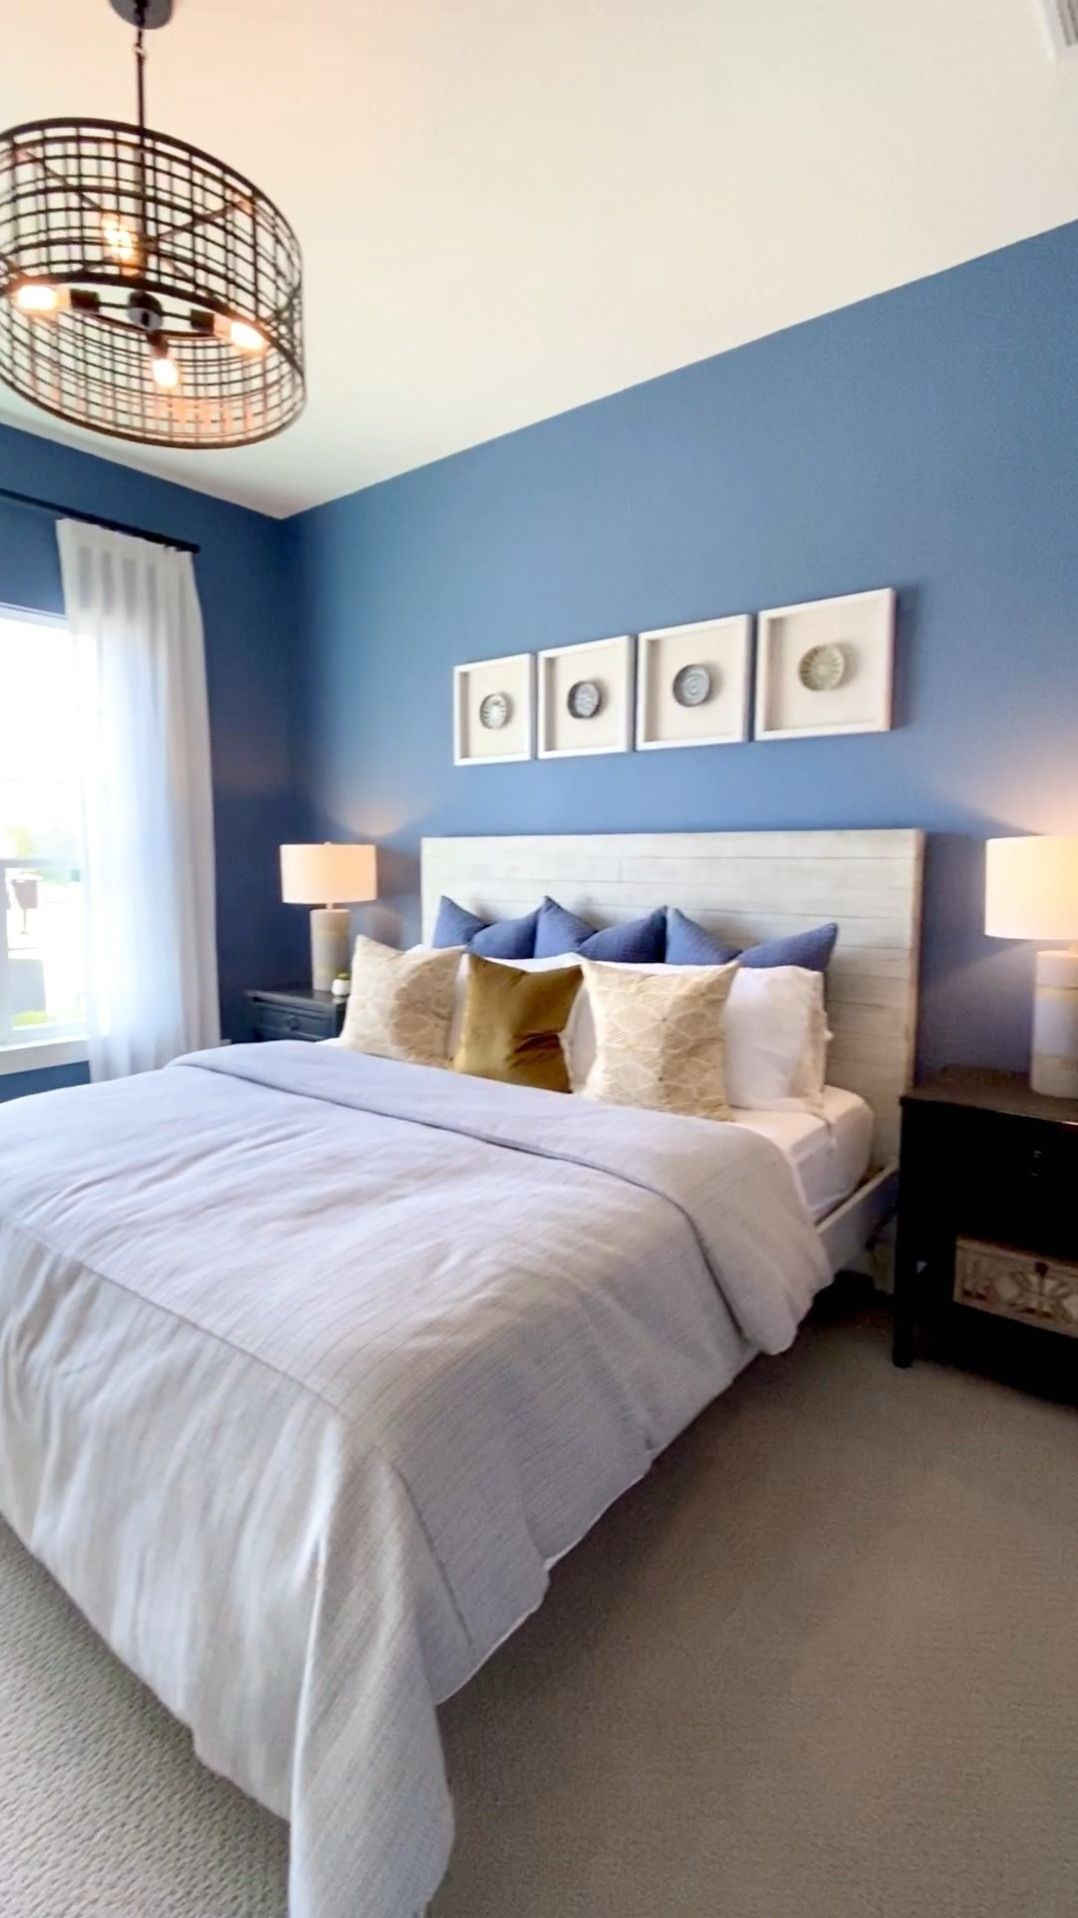 Pin von Nadège Legrix auf For the Home in 2020   Zimmer, Schlafzimmer, Zimmer gestalten